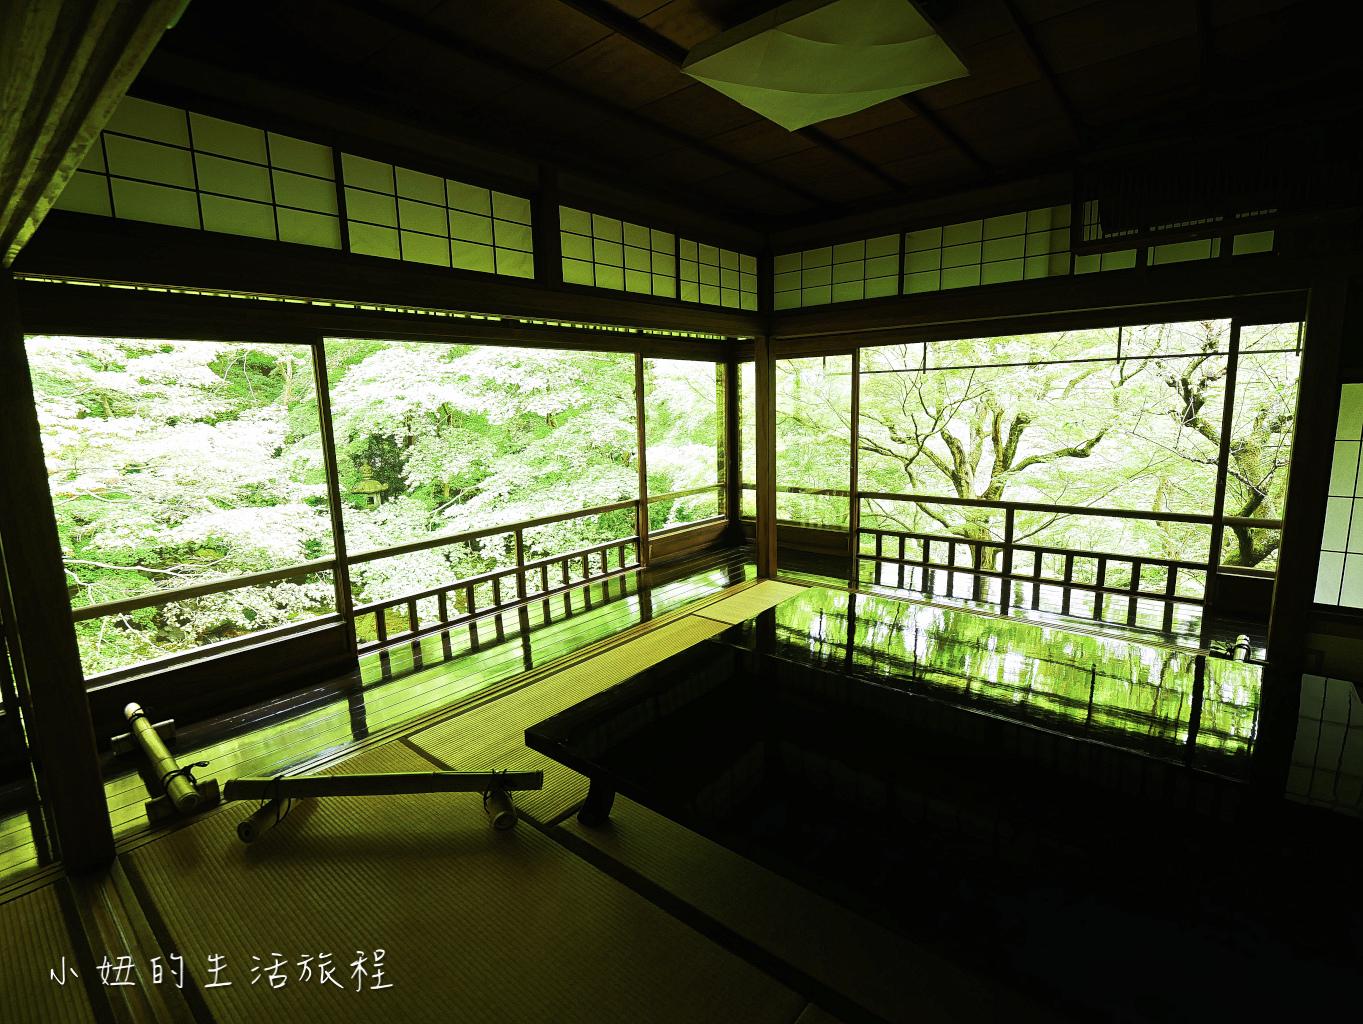 京都、大阪觀光乘車券(鞍馬&貴船地區擴大版)-47.jpg